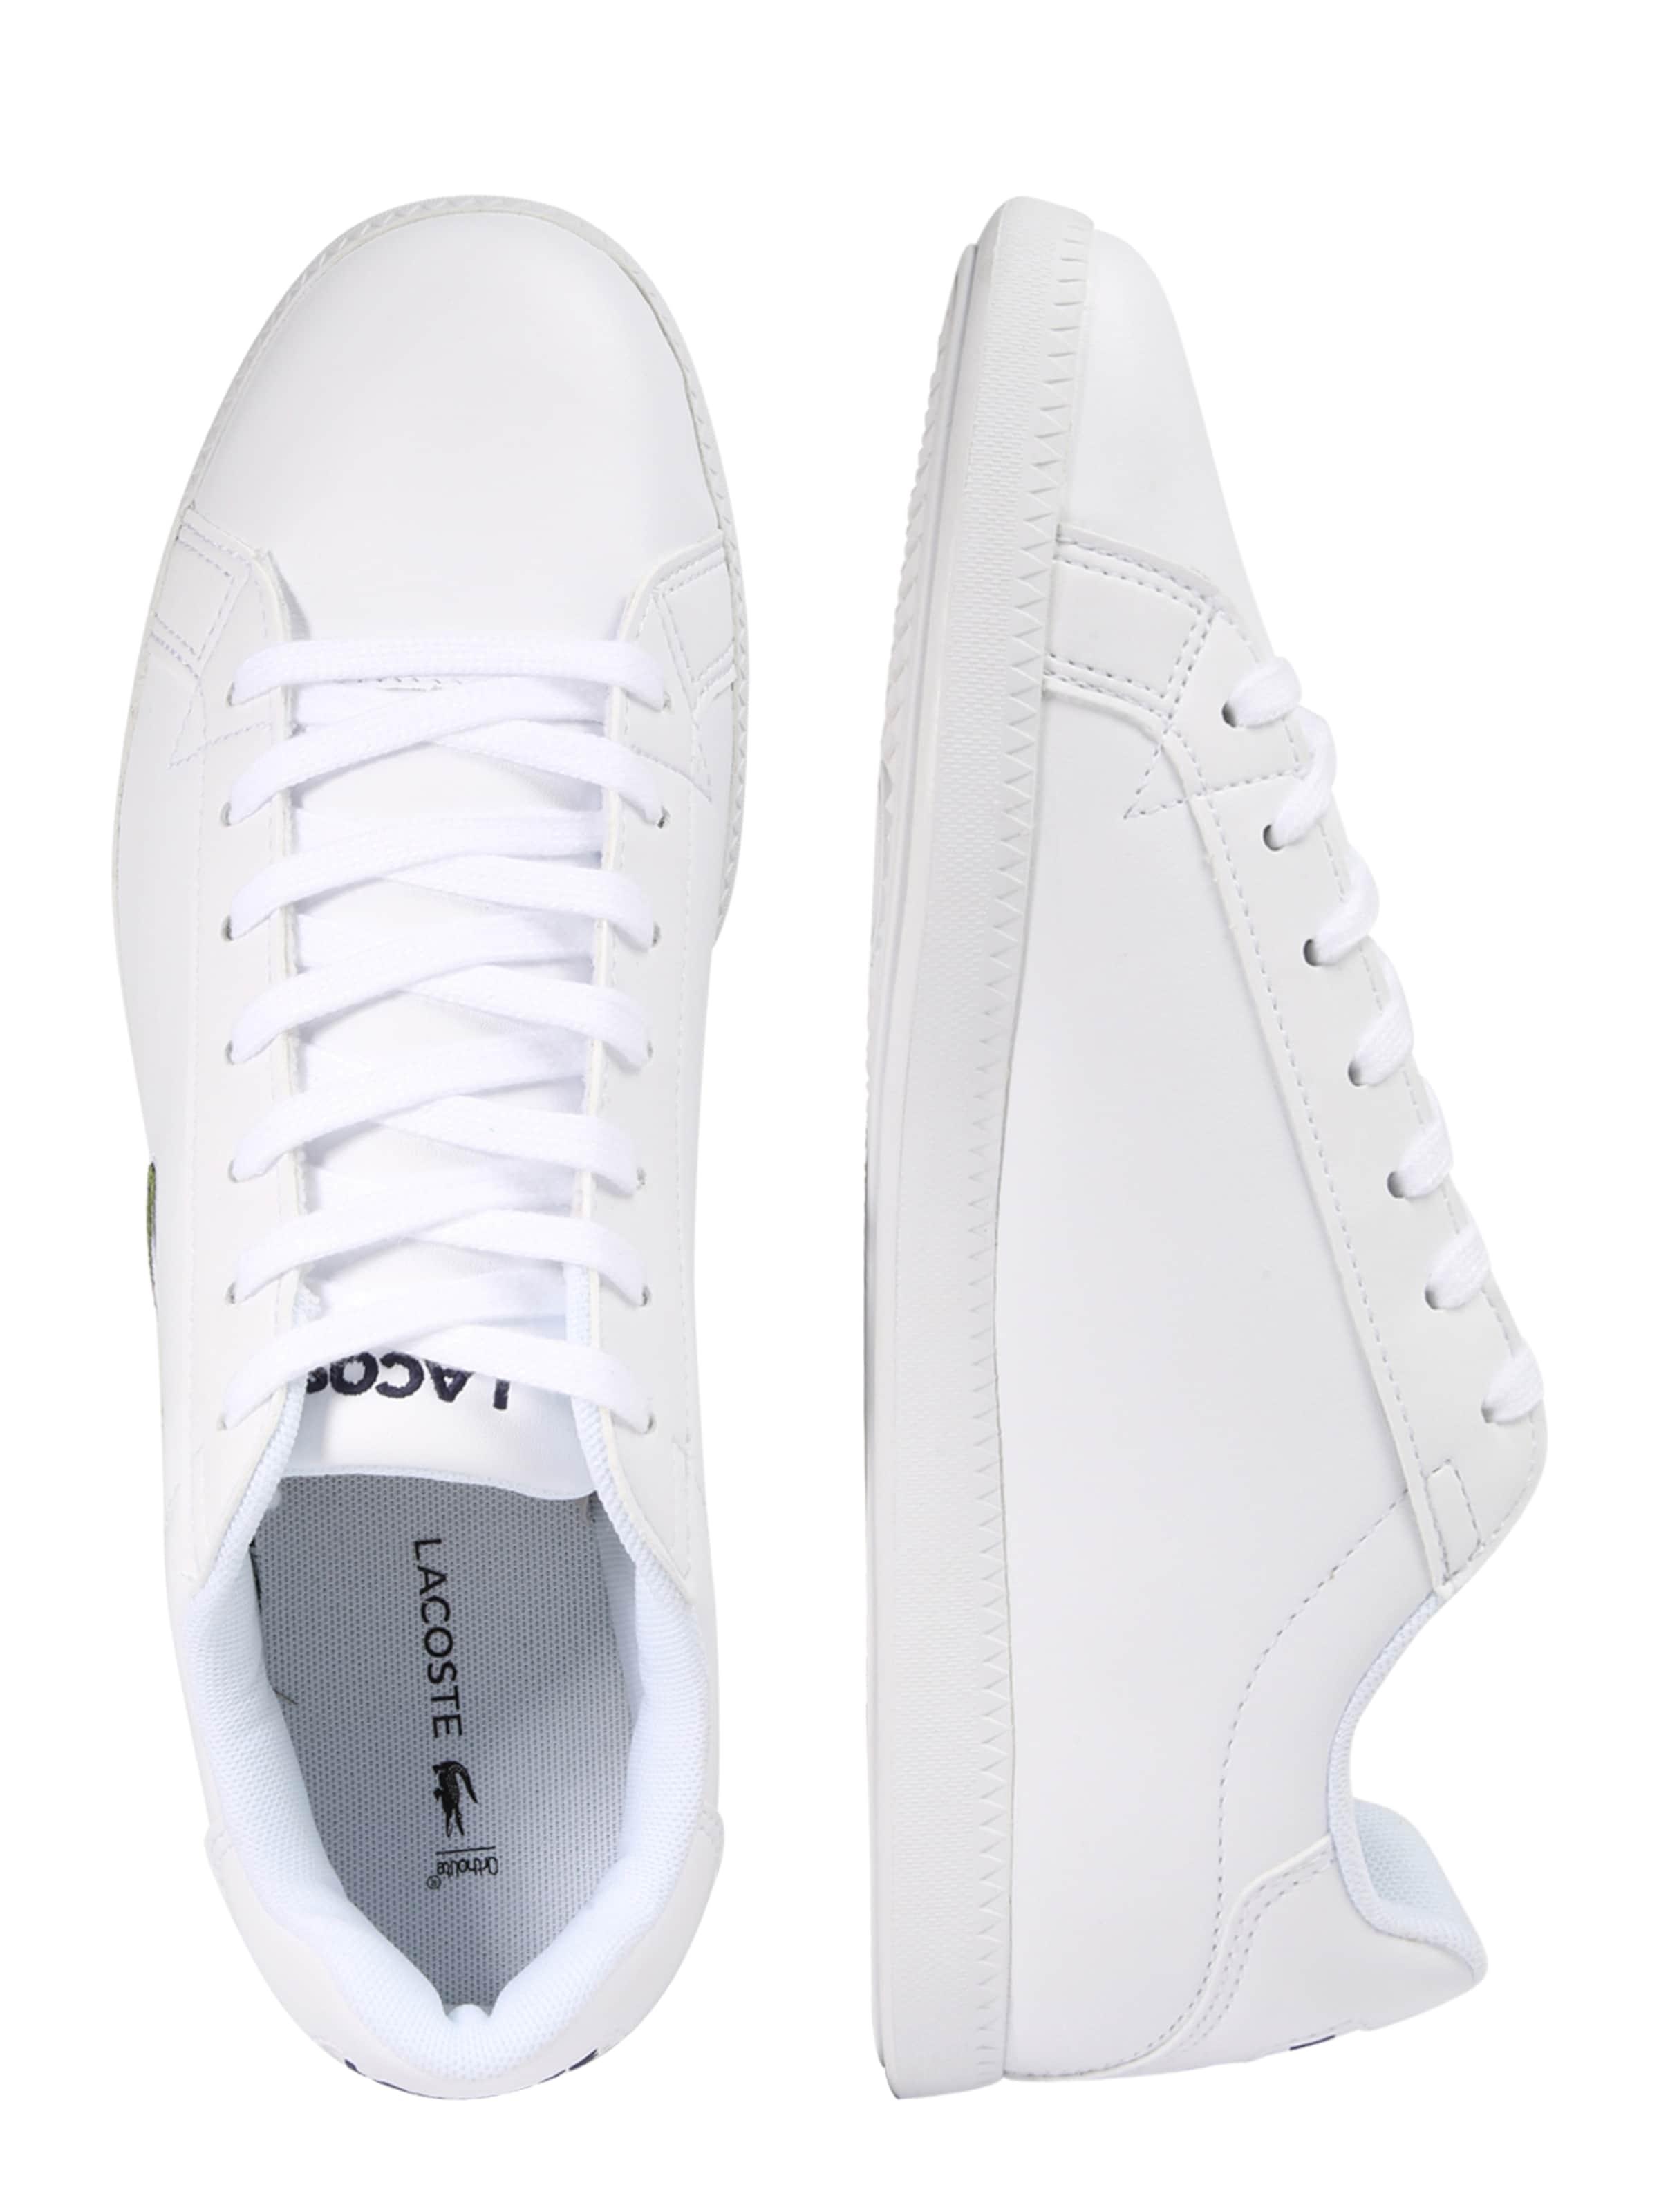 Sneaker In Weiß Sneaker Sneaker In Lacoste Lacoste Lacoste 'graduate' Weiß 'graduate' 'graduate' htdCrQs